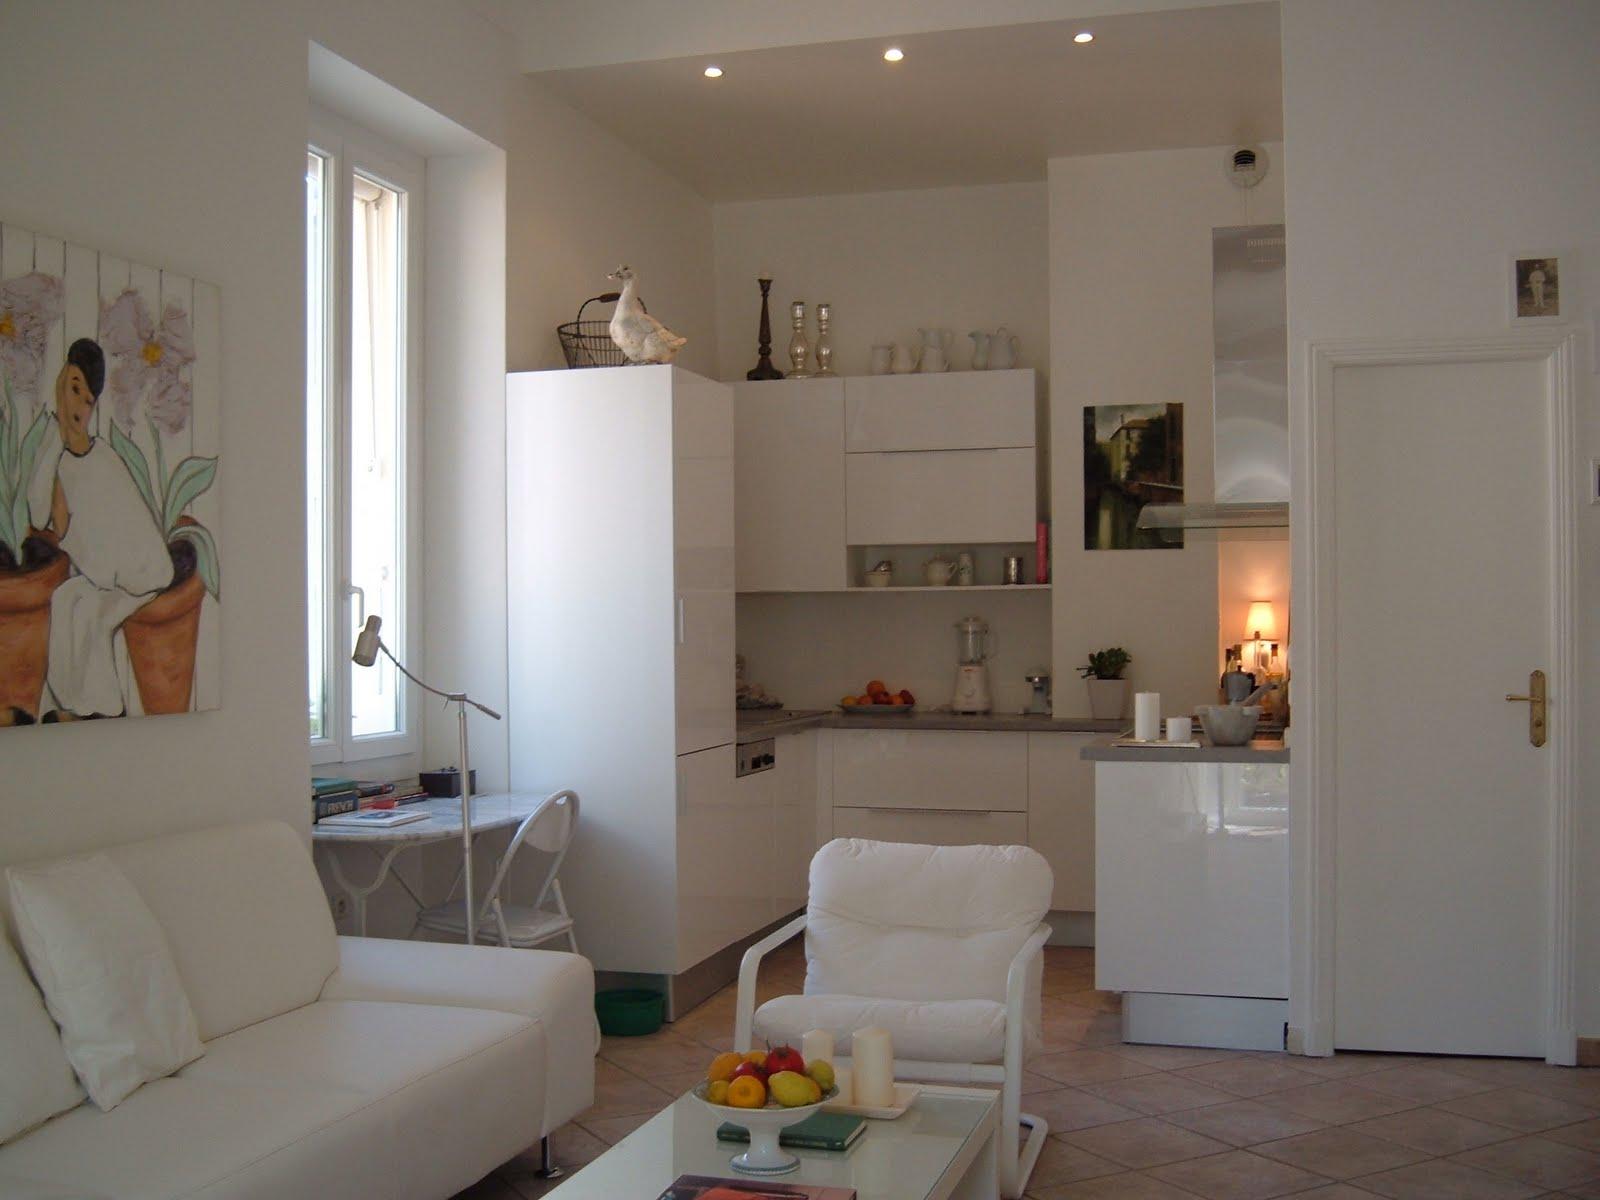 Petite Cuisine Pour Studio Ikea Meubles Pour Studio Meuble Pour